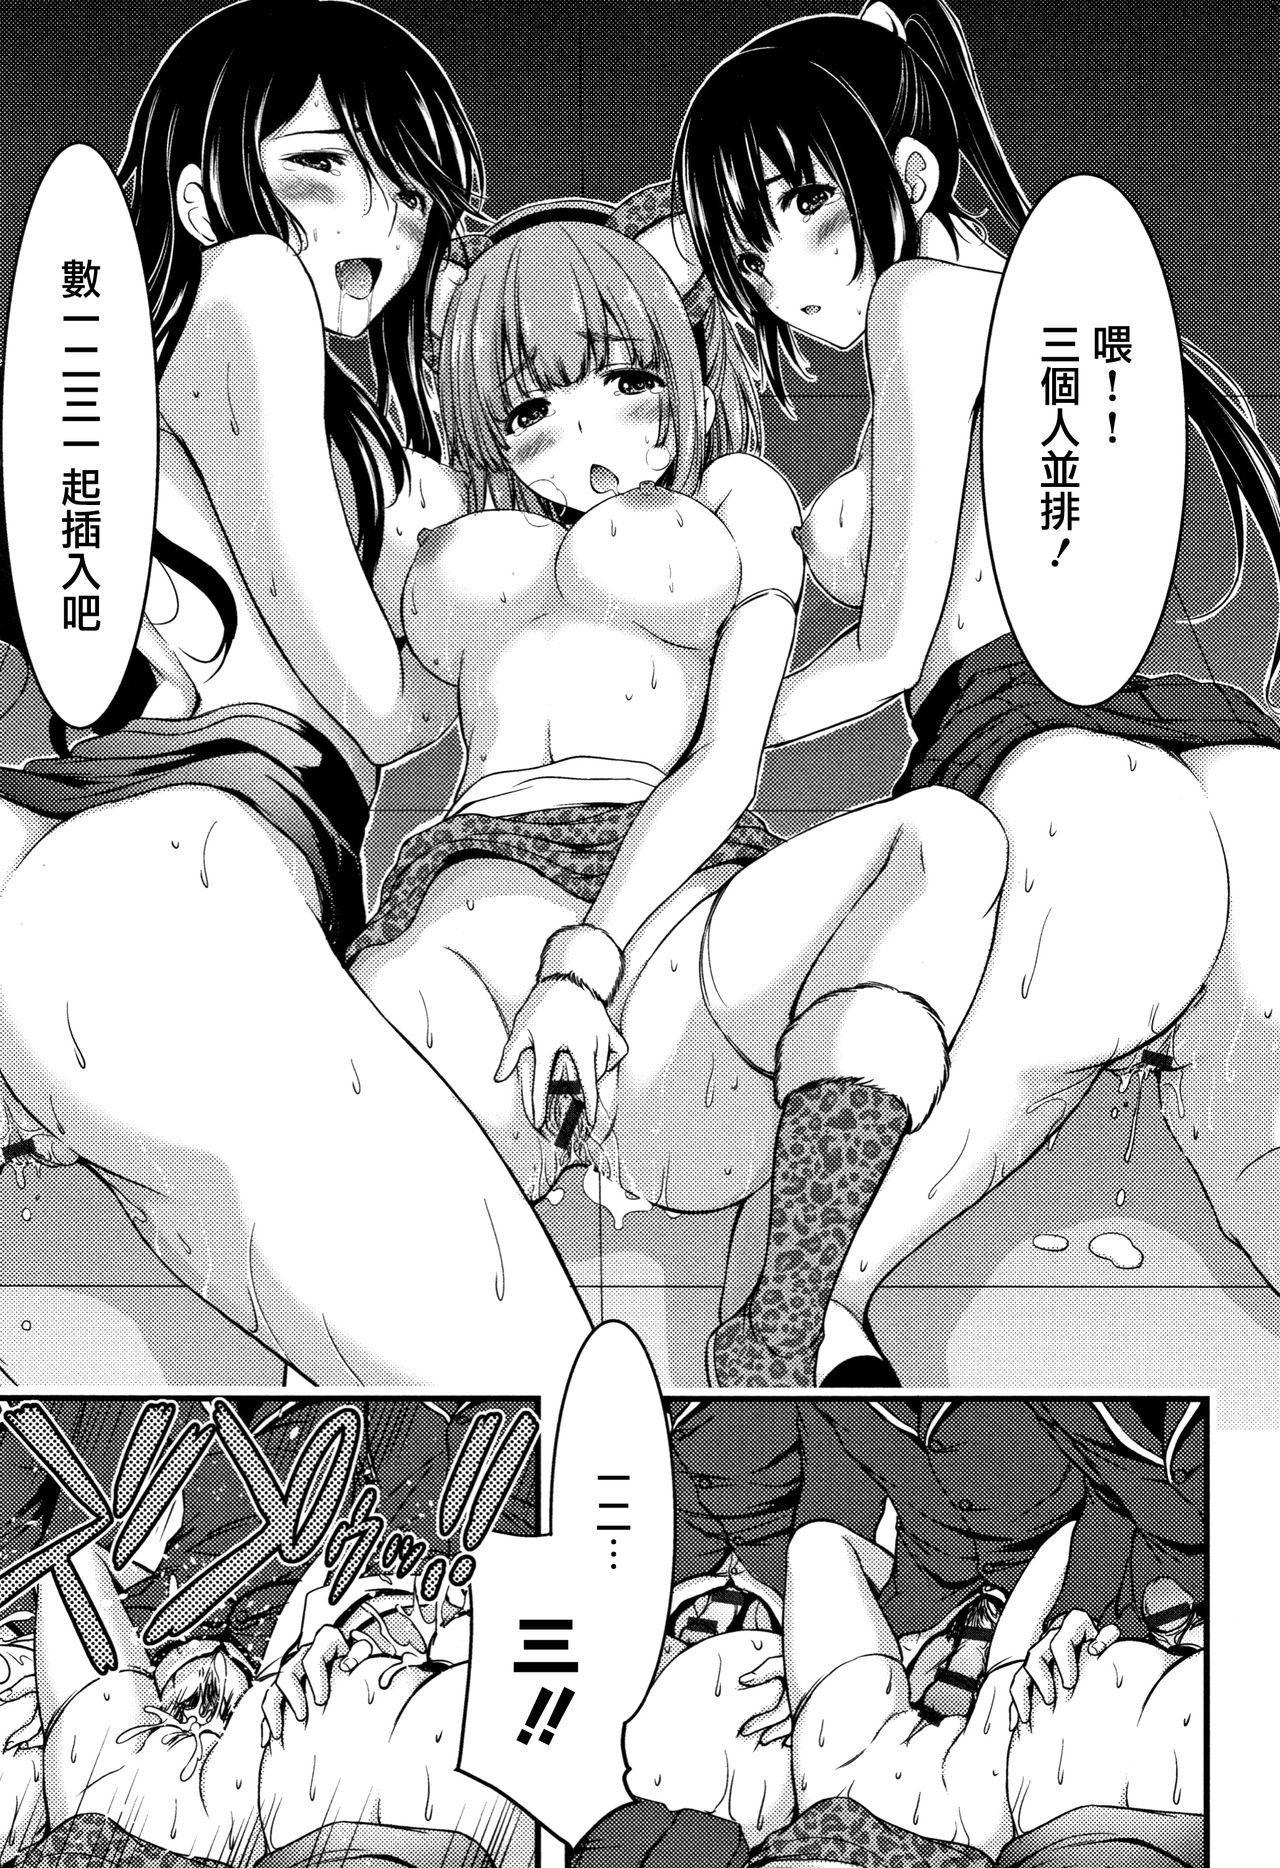 Nichijou Bitch Seitai Kansatsu 213